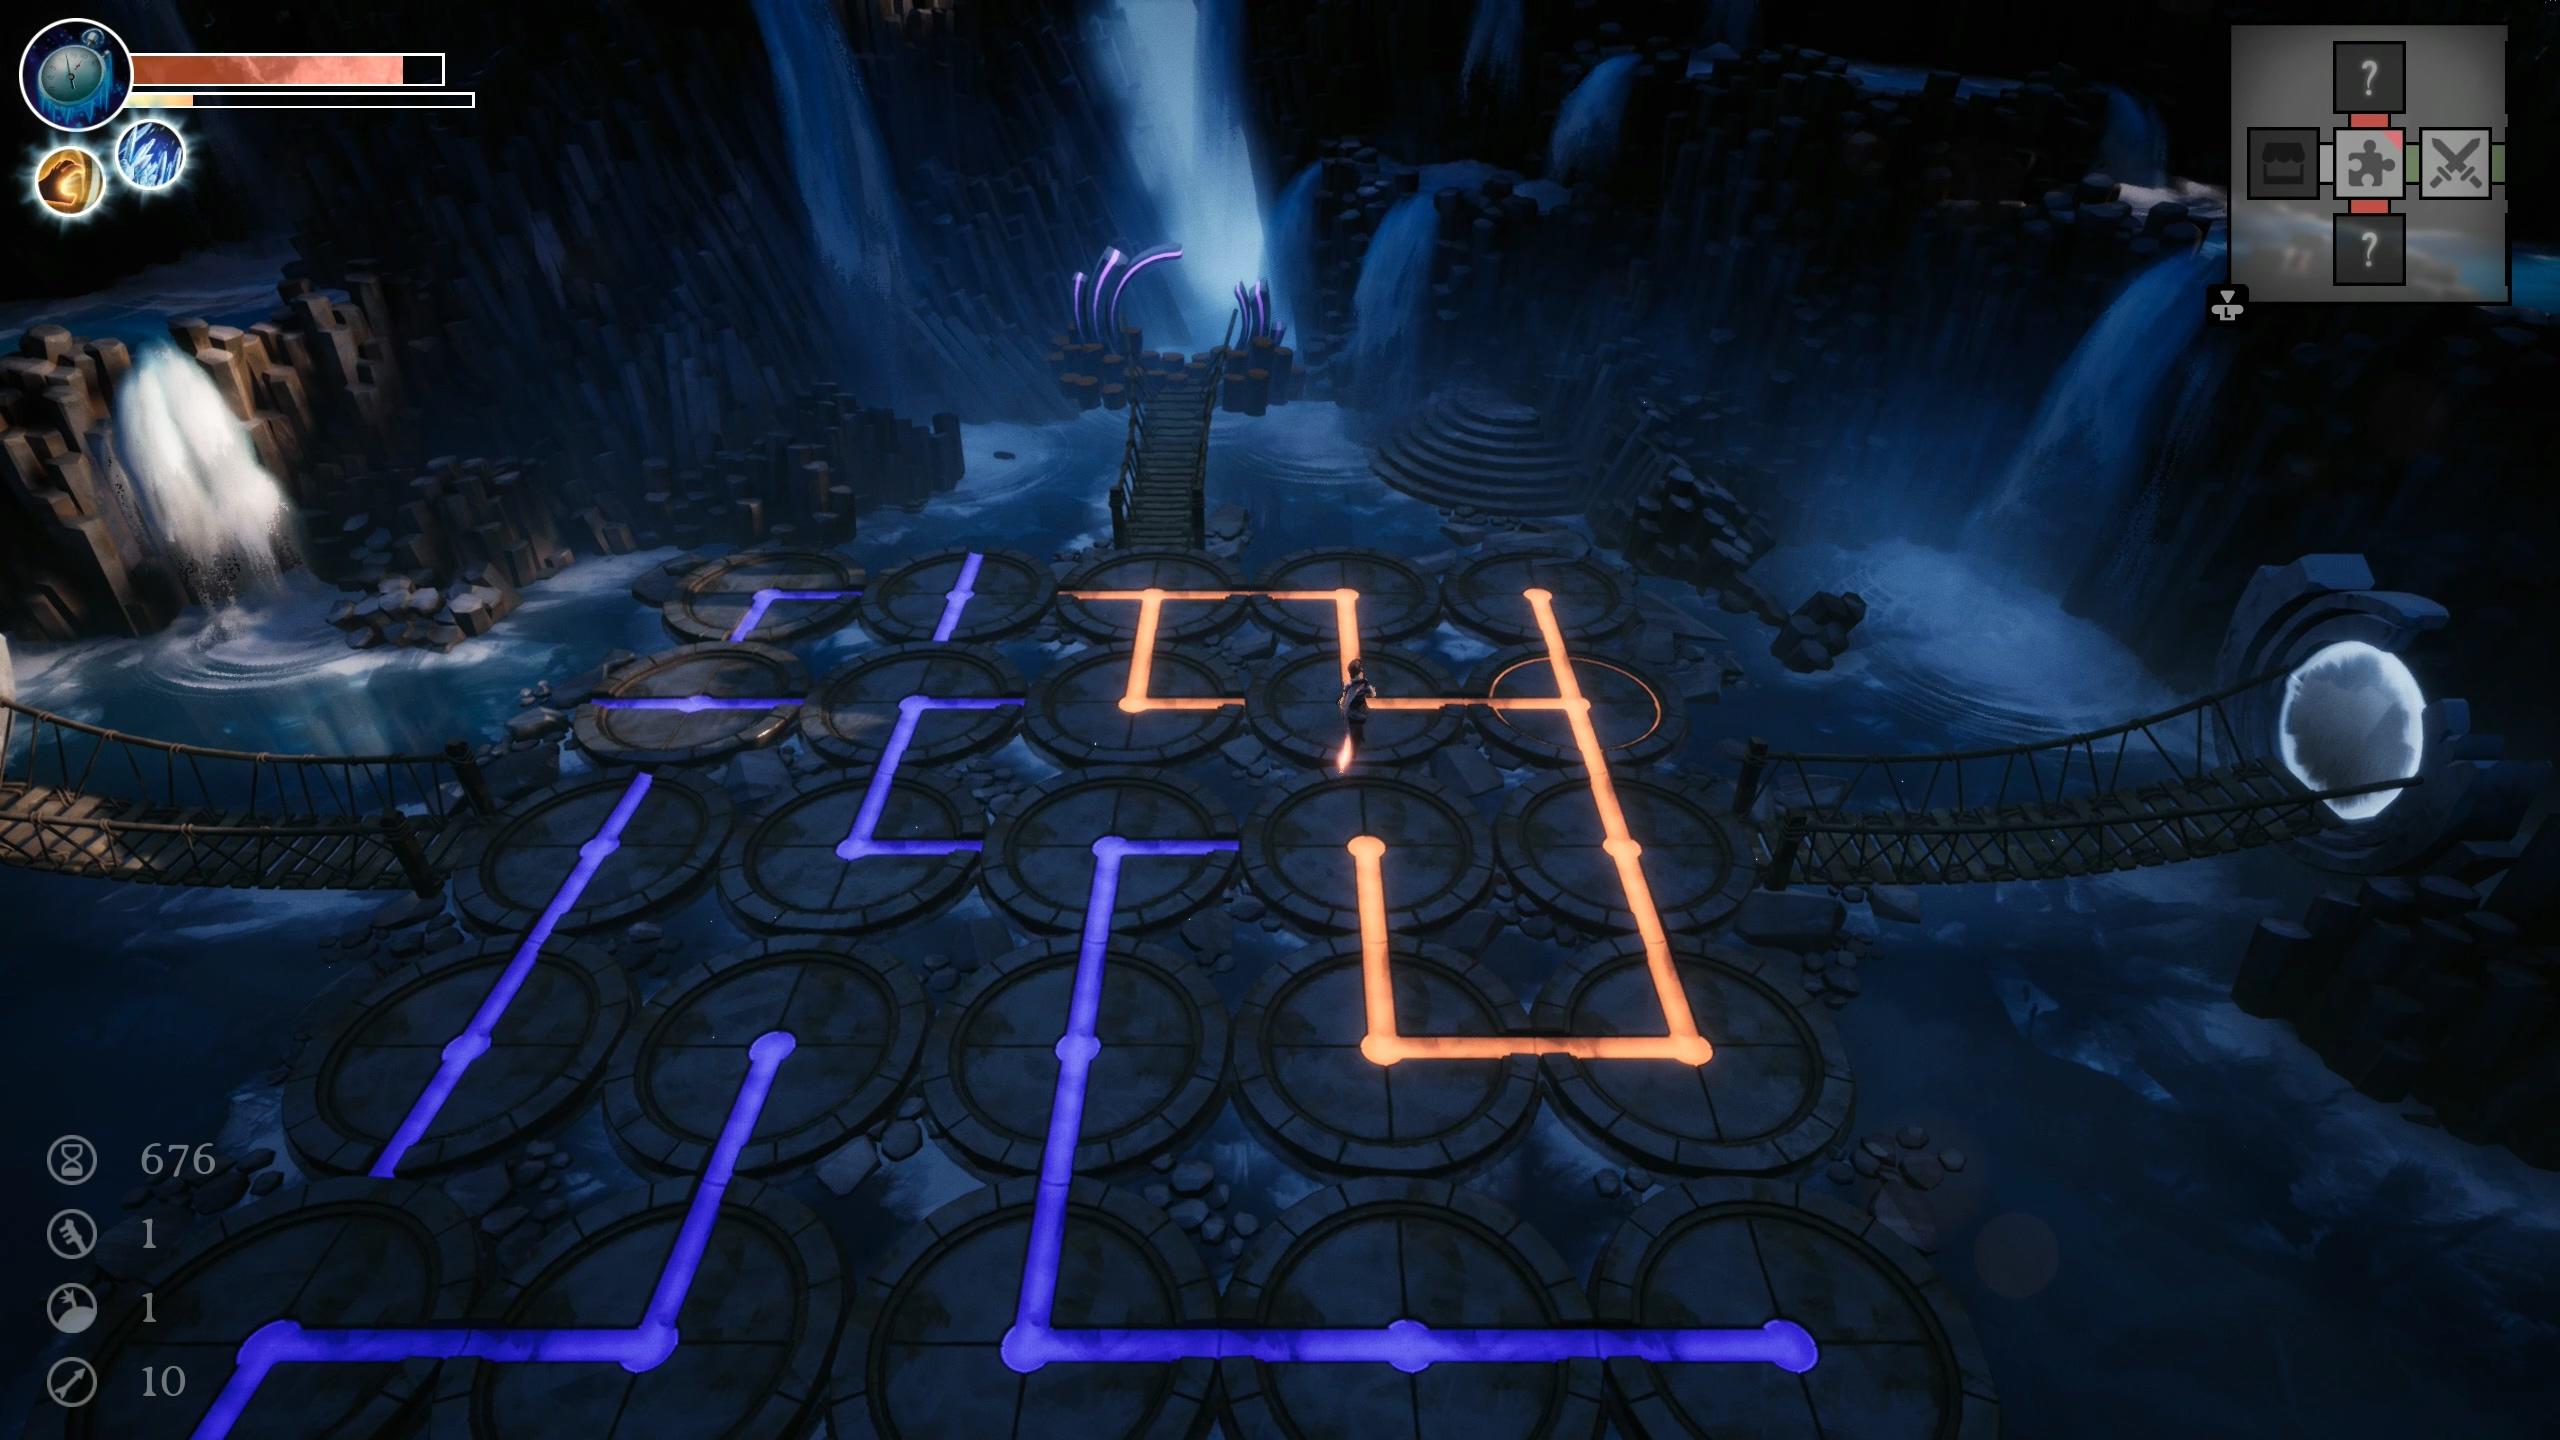 Una captura de pantalla de un rompecabezas de piso en Dreamscaper.  La escena es de una cueva con círculos giratorios en el suelo.  Cada uno tiene una línea de color o un ángulo en la parte superior.  Evidentemente, el jugador debe rotar los círculos en las posiciones correctas de modo que formen una línea ininterrumpida de un lado de la habitación al otro.